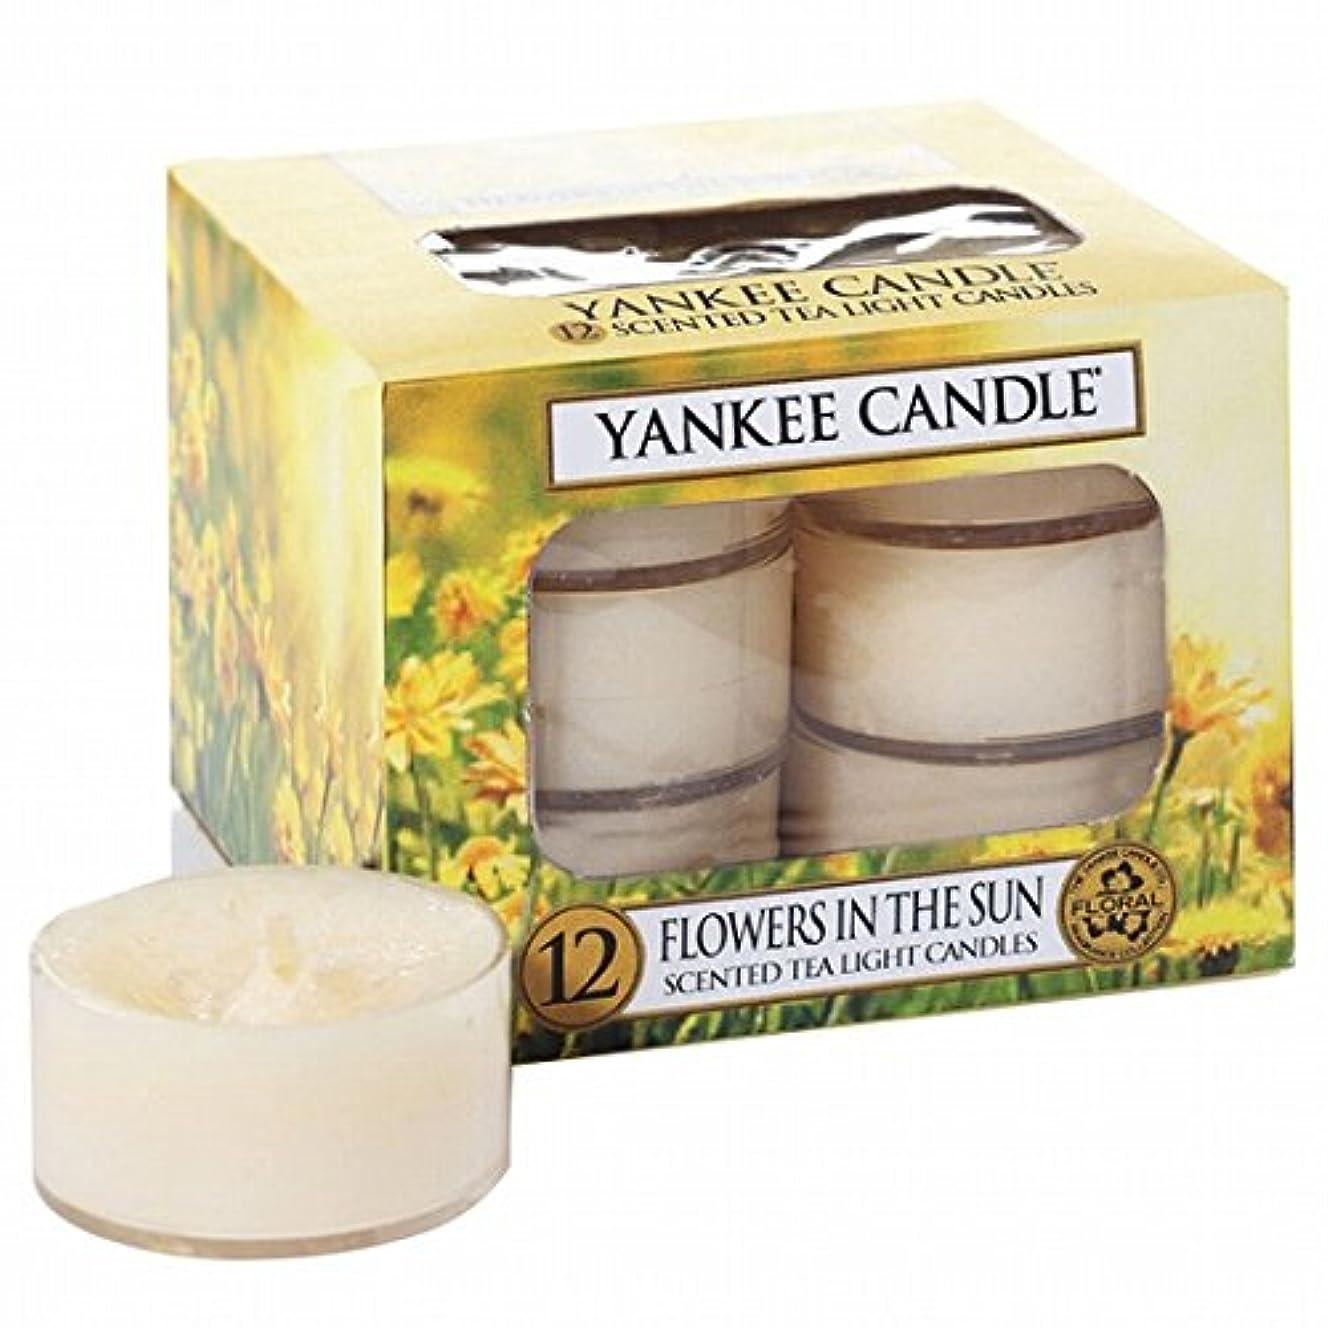 年次そこから妖精YANKEE CANDLE(ヤンキーキャンドル) YANKEE CANDLE クリアカップティーライト12個入り 「フラワーインザサン」(K00505274)